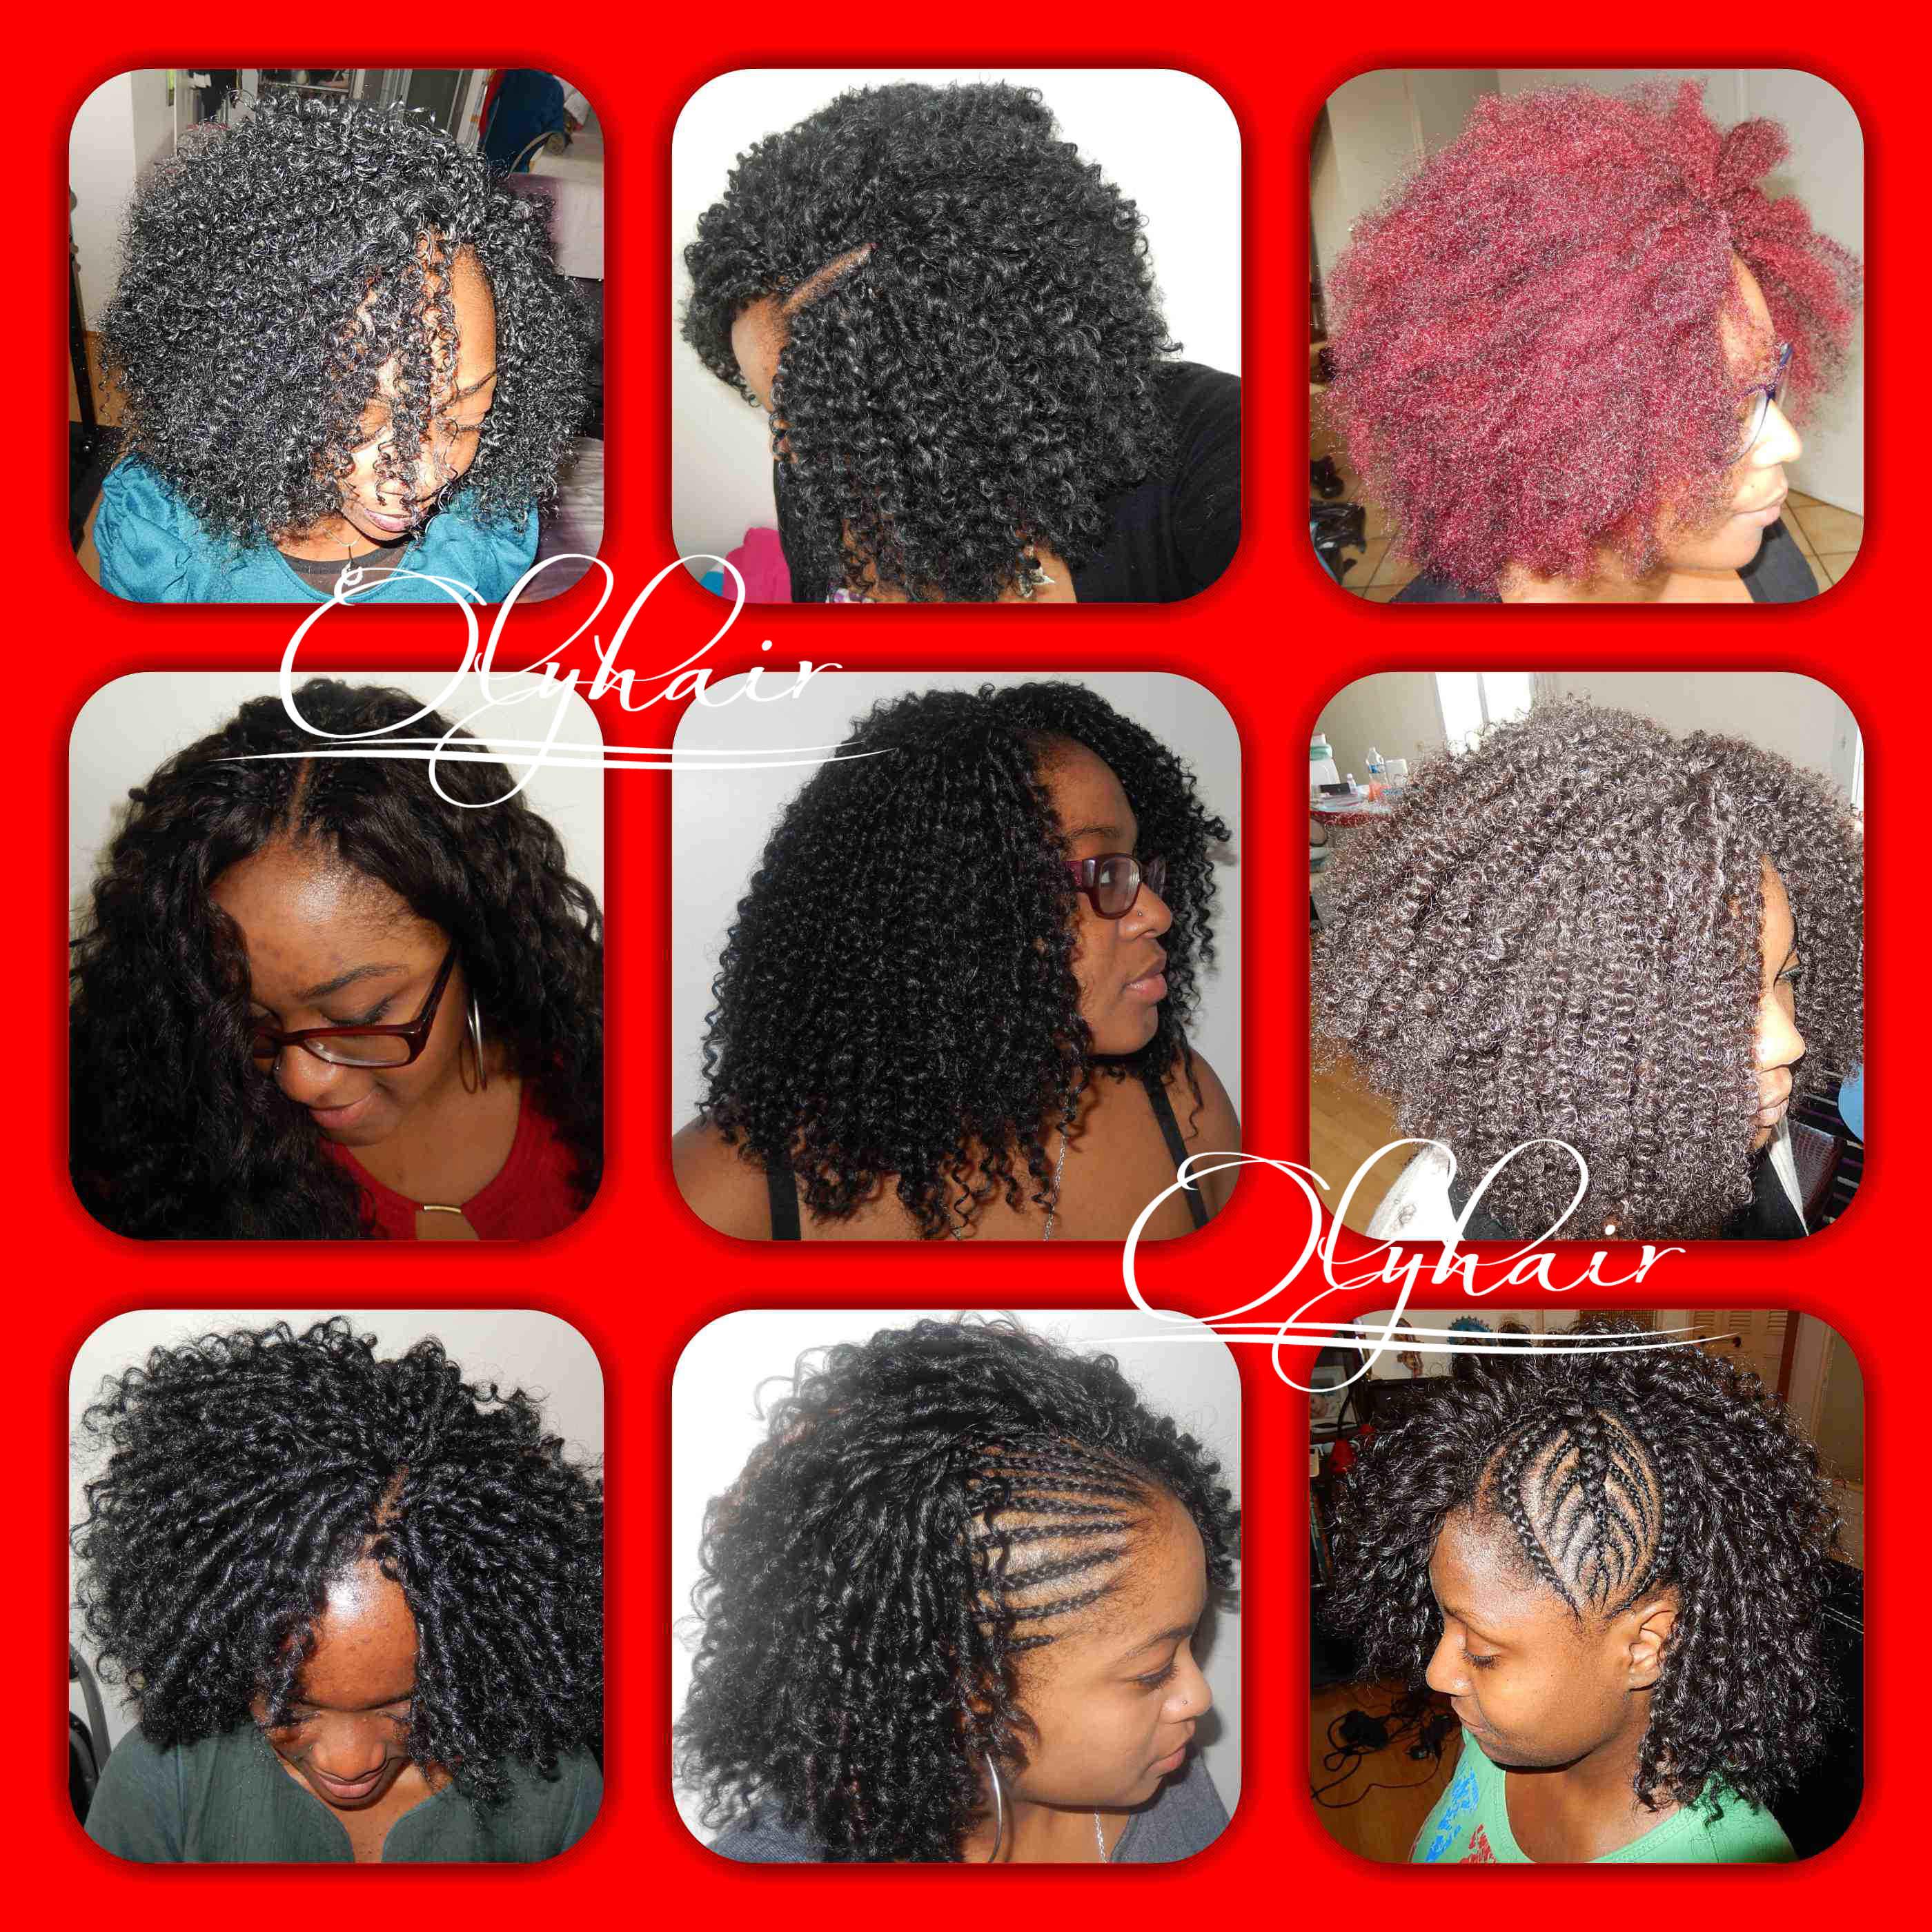 Crochet braids olyhair id e coiffure et conseil pour cheveux afro - Meche pour crochet braid ...